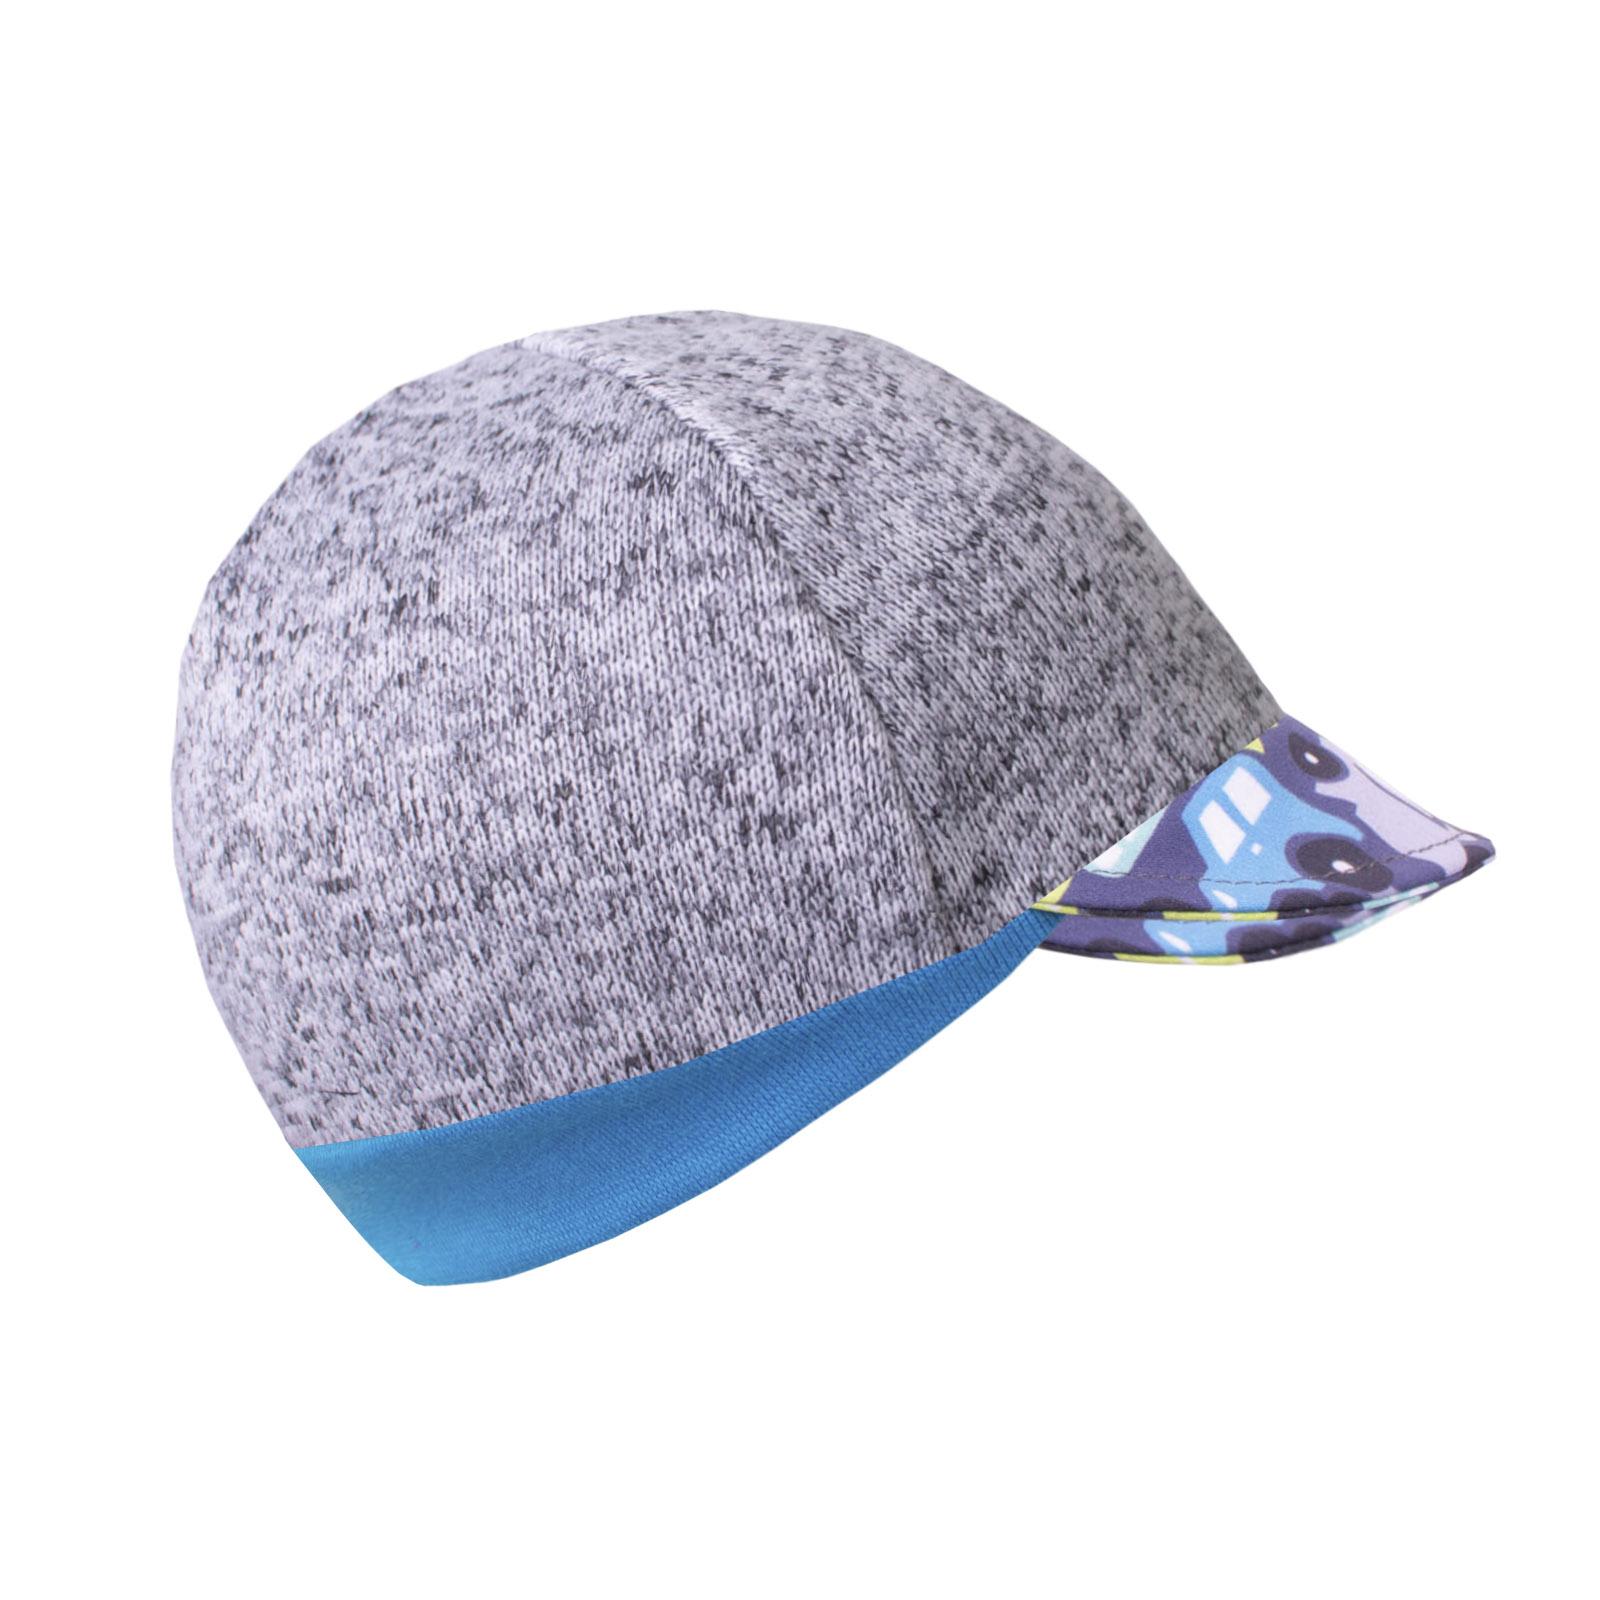 Unuo Svetrovinová čepice s kšiltem, Melír sv. šedá, Autíčka Velikost: L (53 - 58 cm)